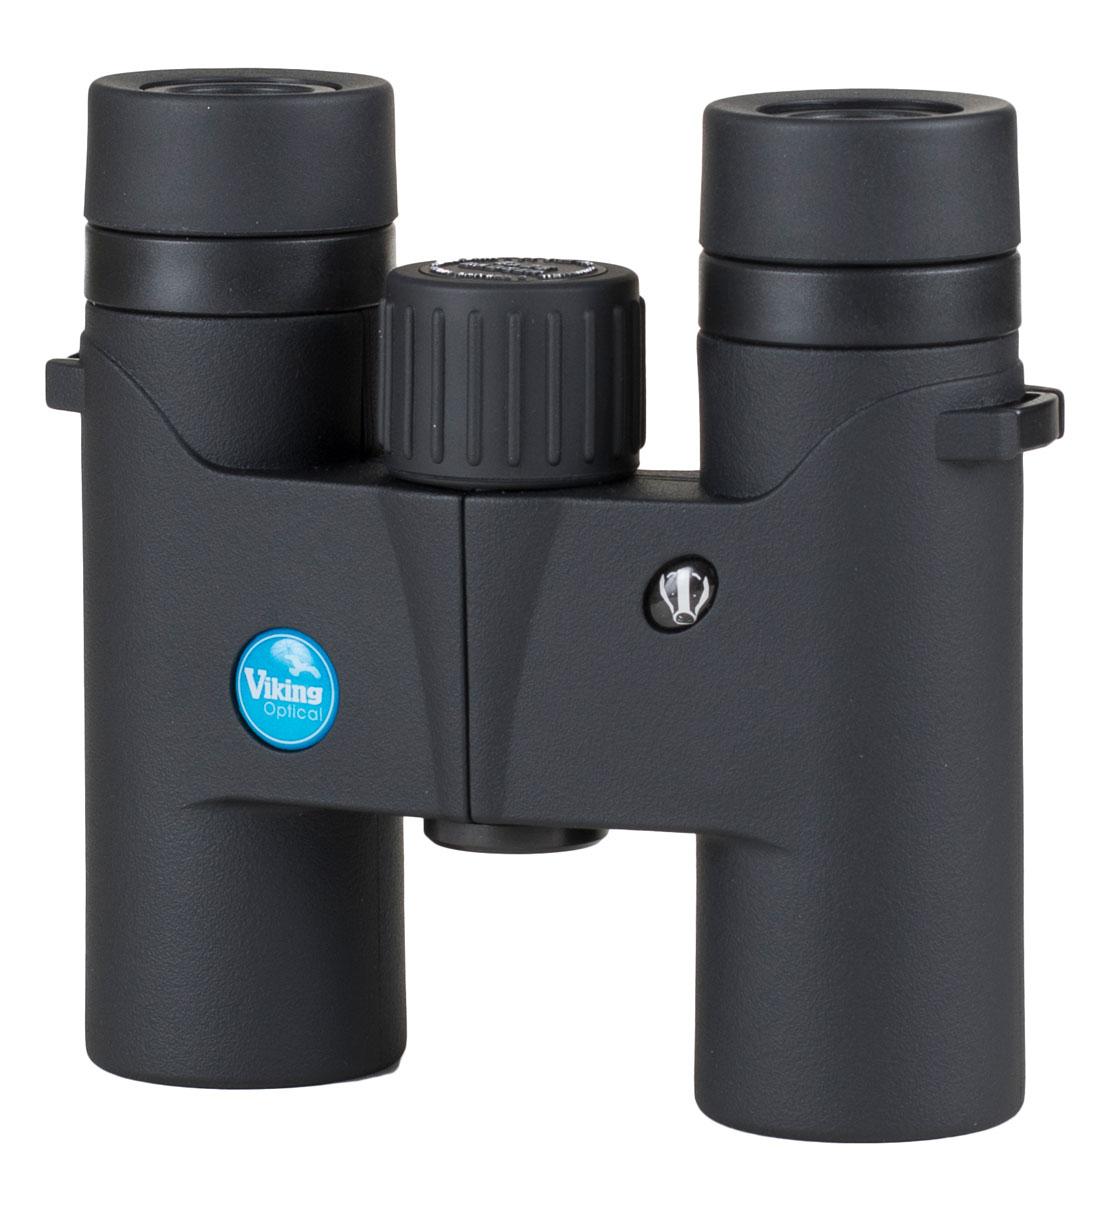 Viking Badger 10x25 Binoculars 2018 Version